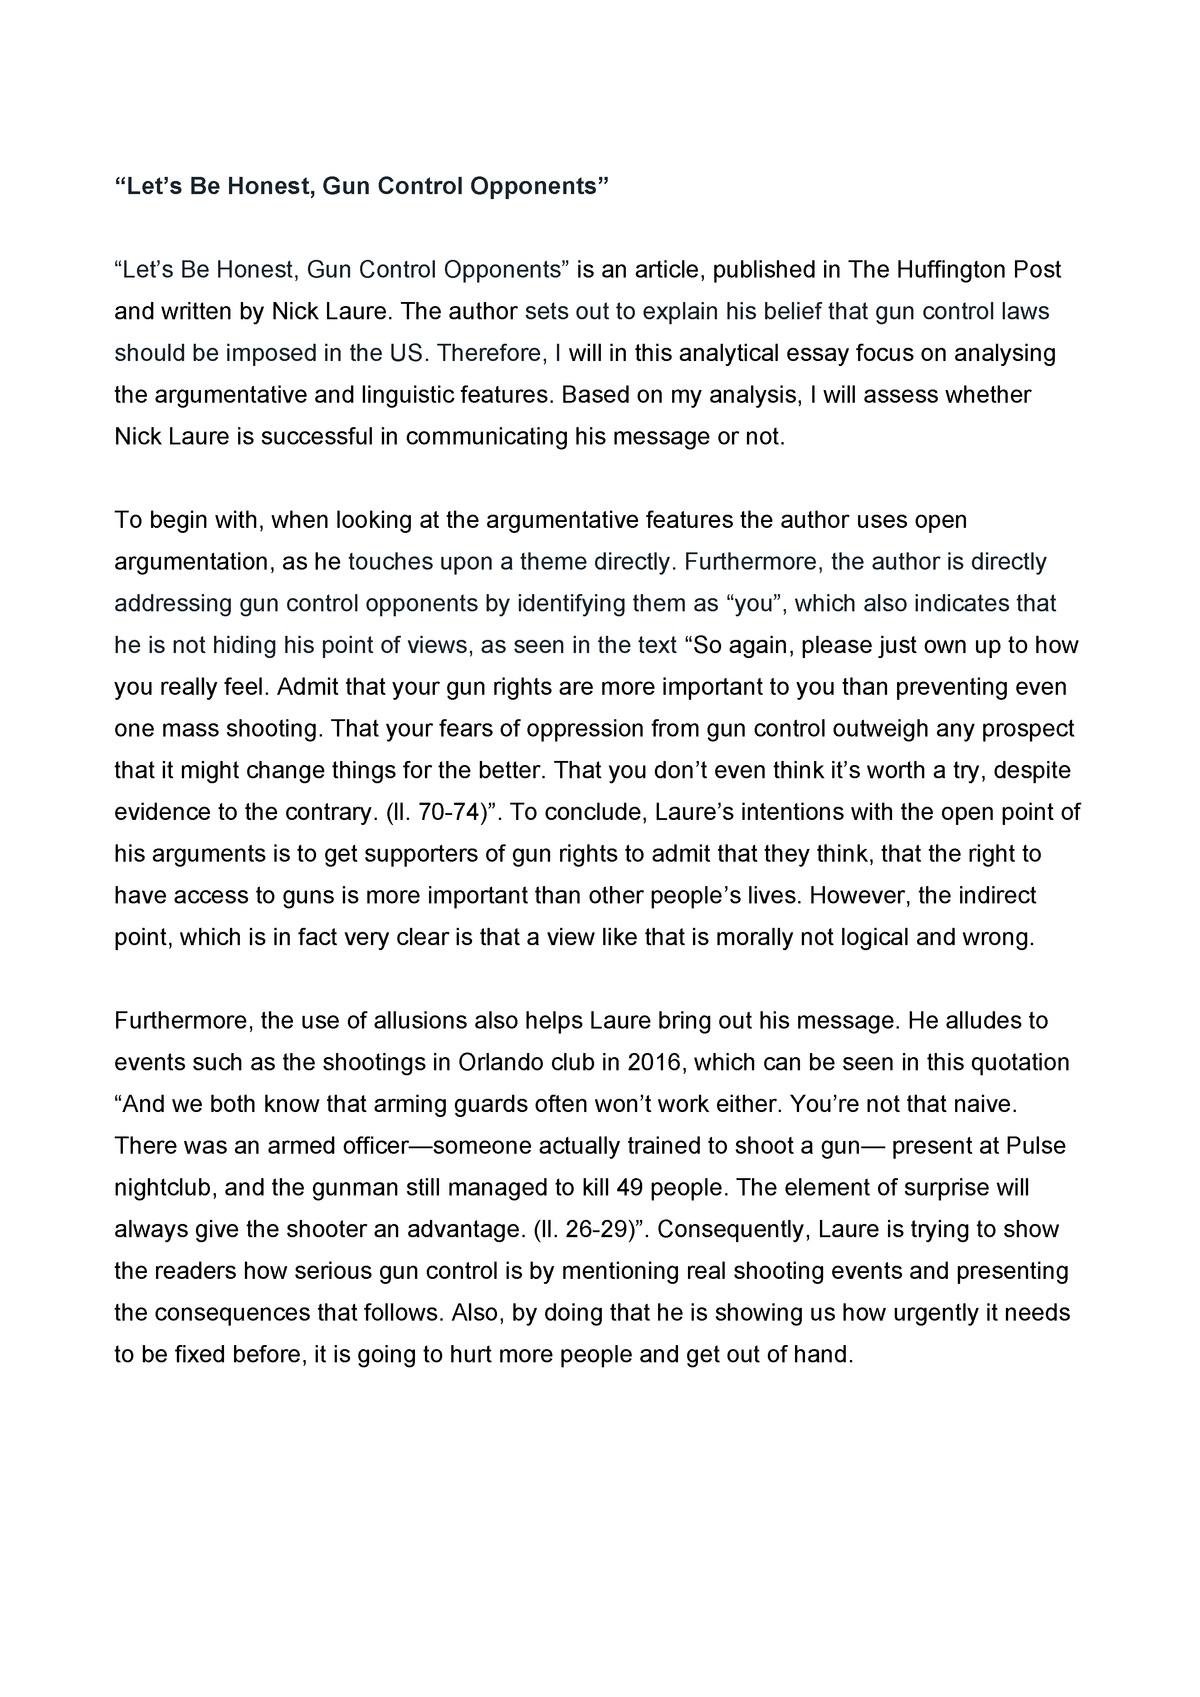 006 Surprising Gun Control Essay Idea  Anti Thesi Example Argumentative TitleFull